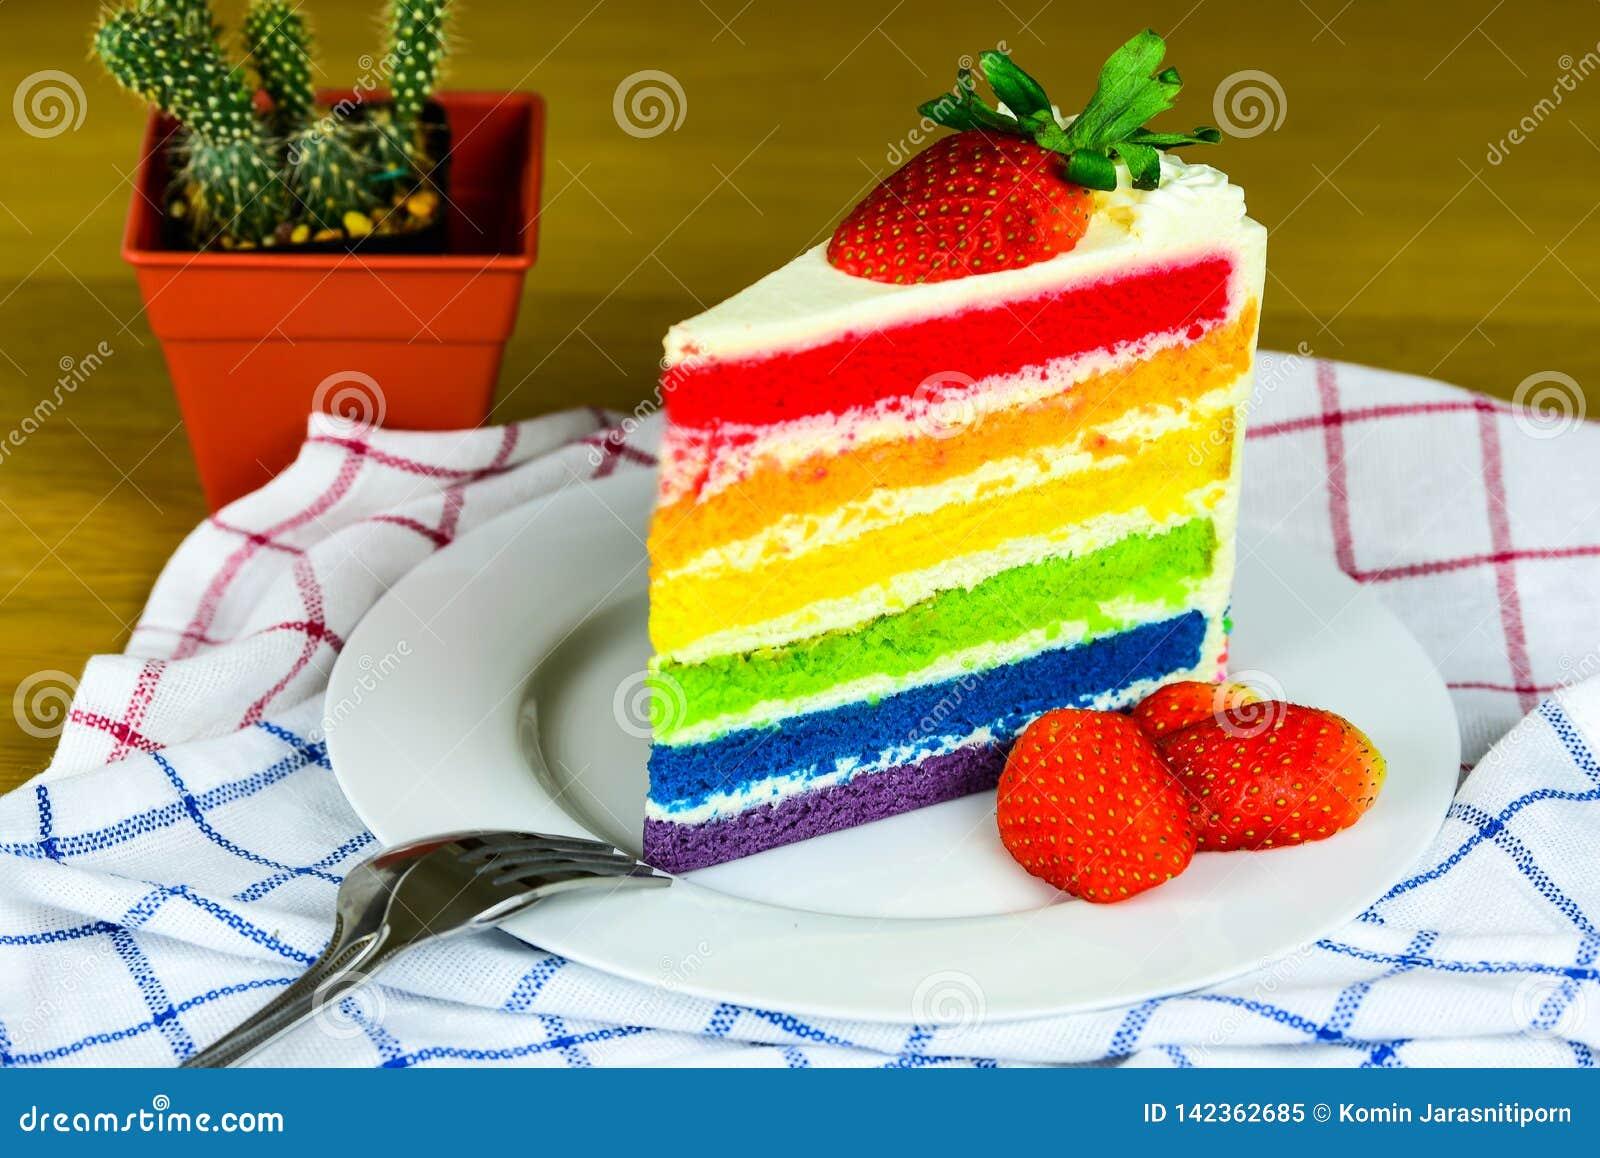 Tęcz truskawki na białym talerzu i tort